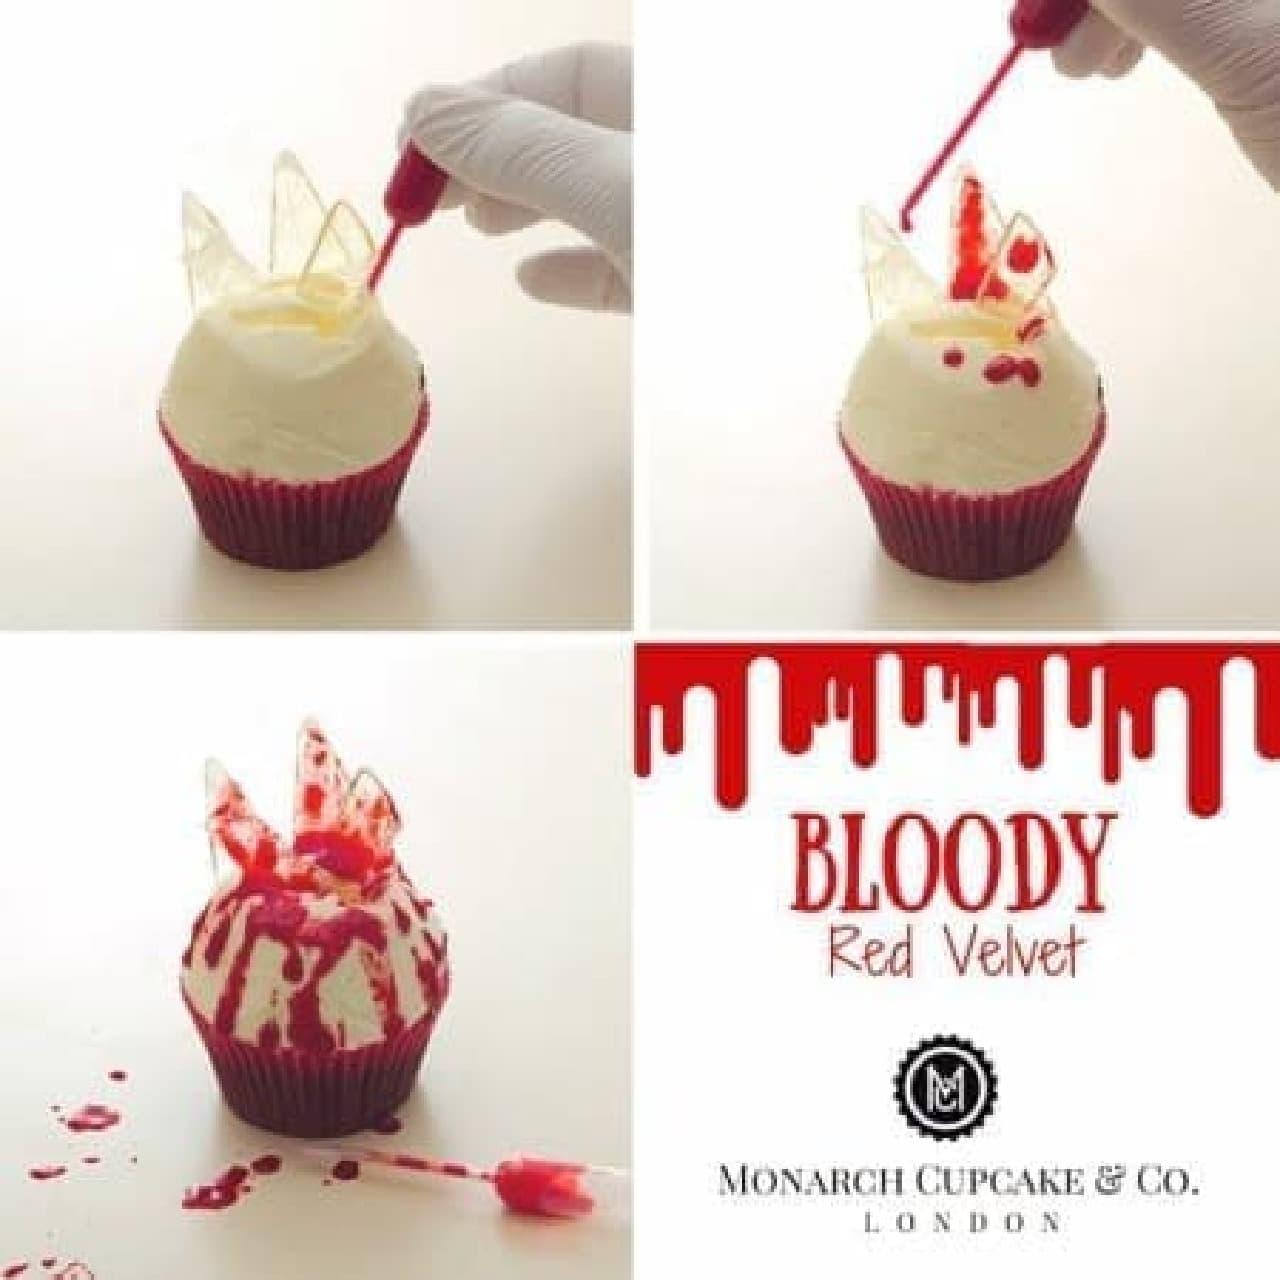 血染めのカップケーキ  (出典:モナーク カップケーキ公式インスタグラム)